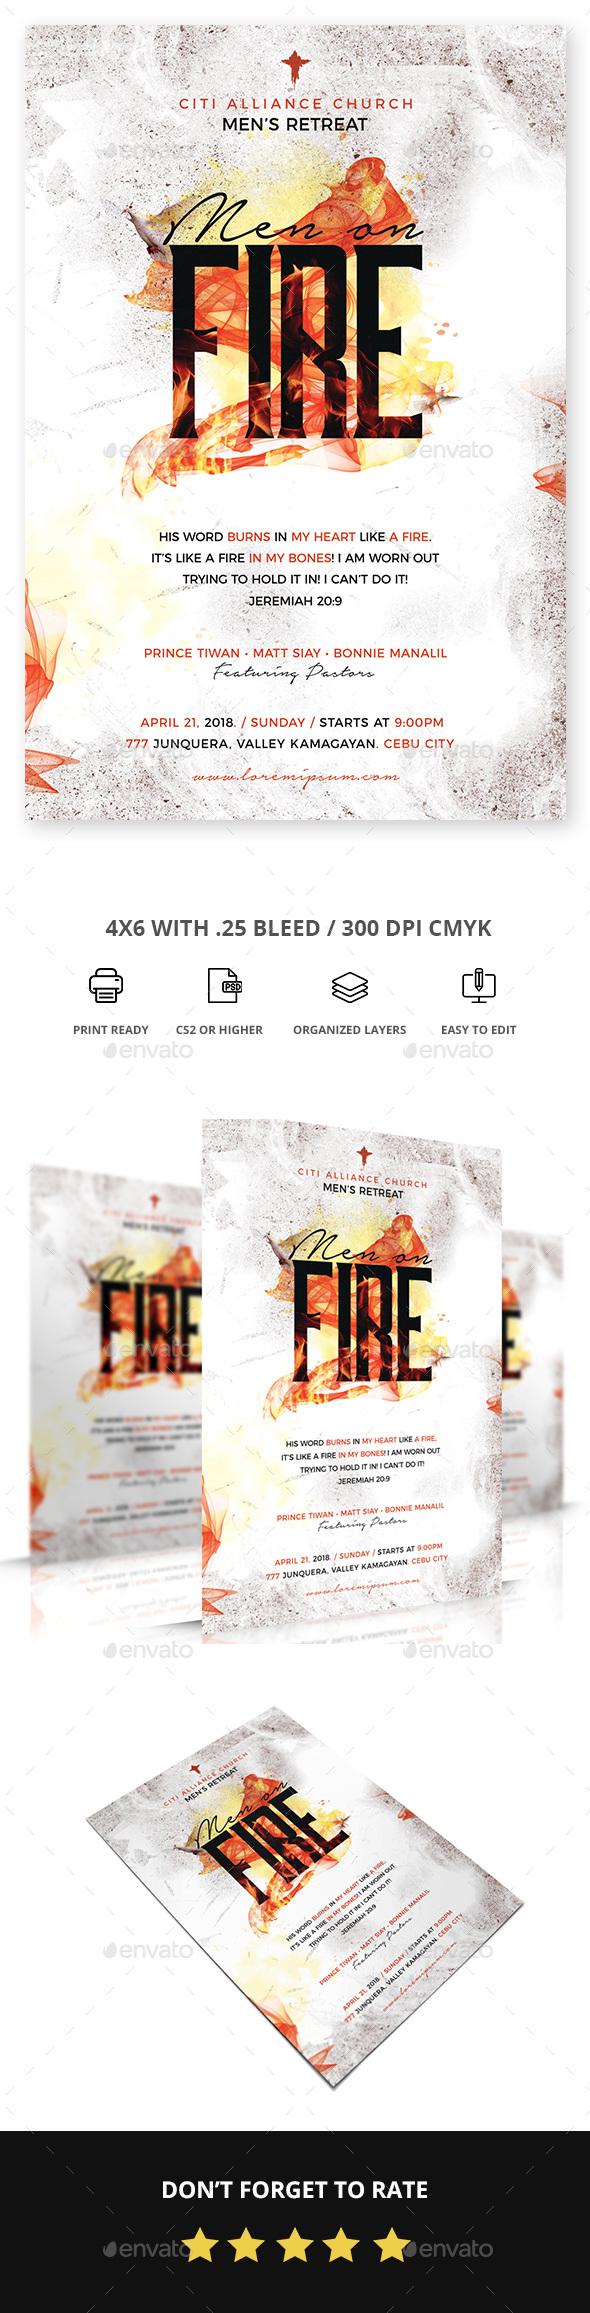 Men on fire Church Flyer - Church Flyers